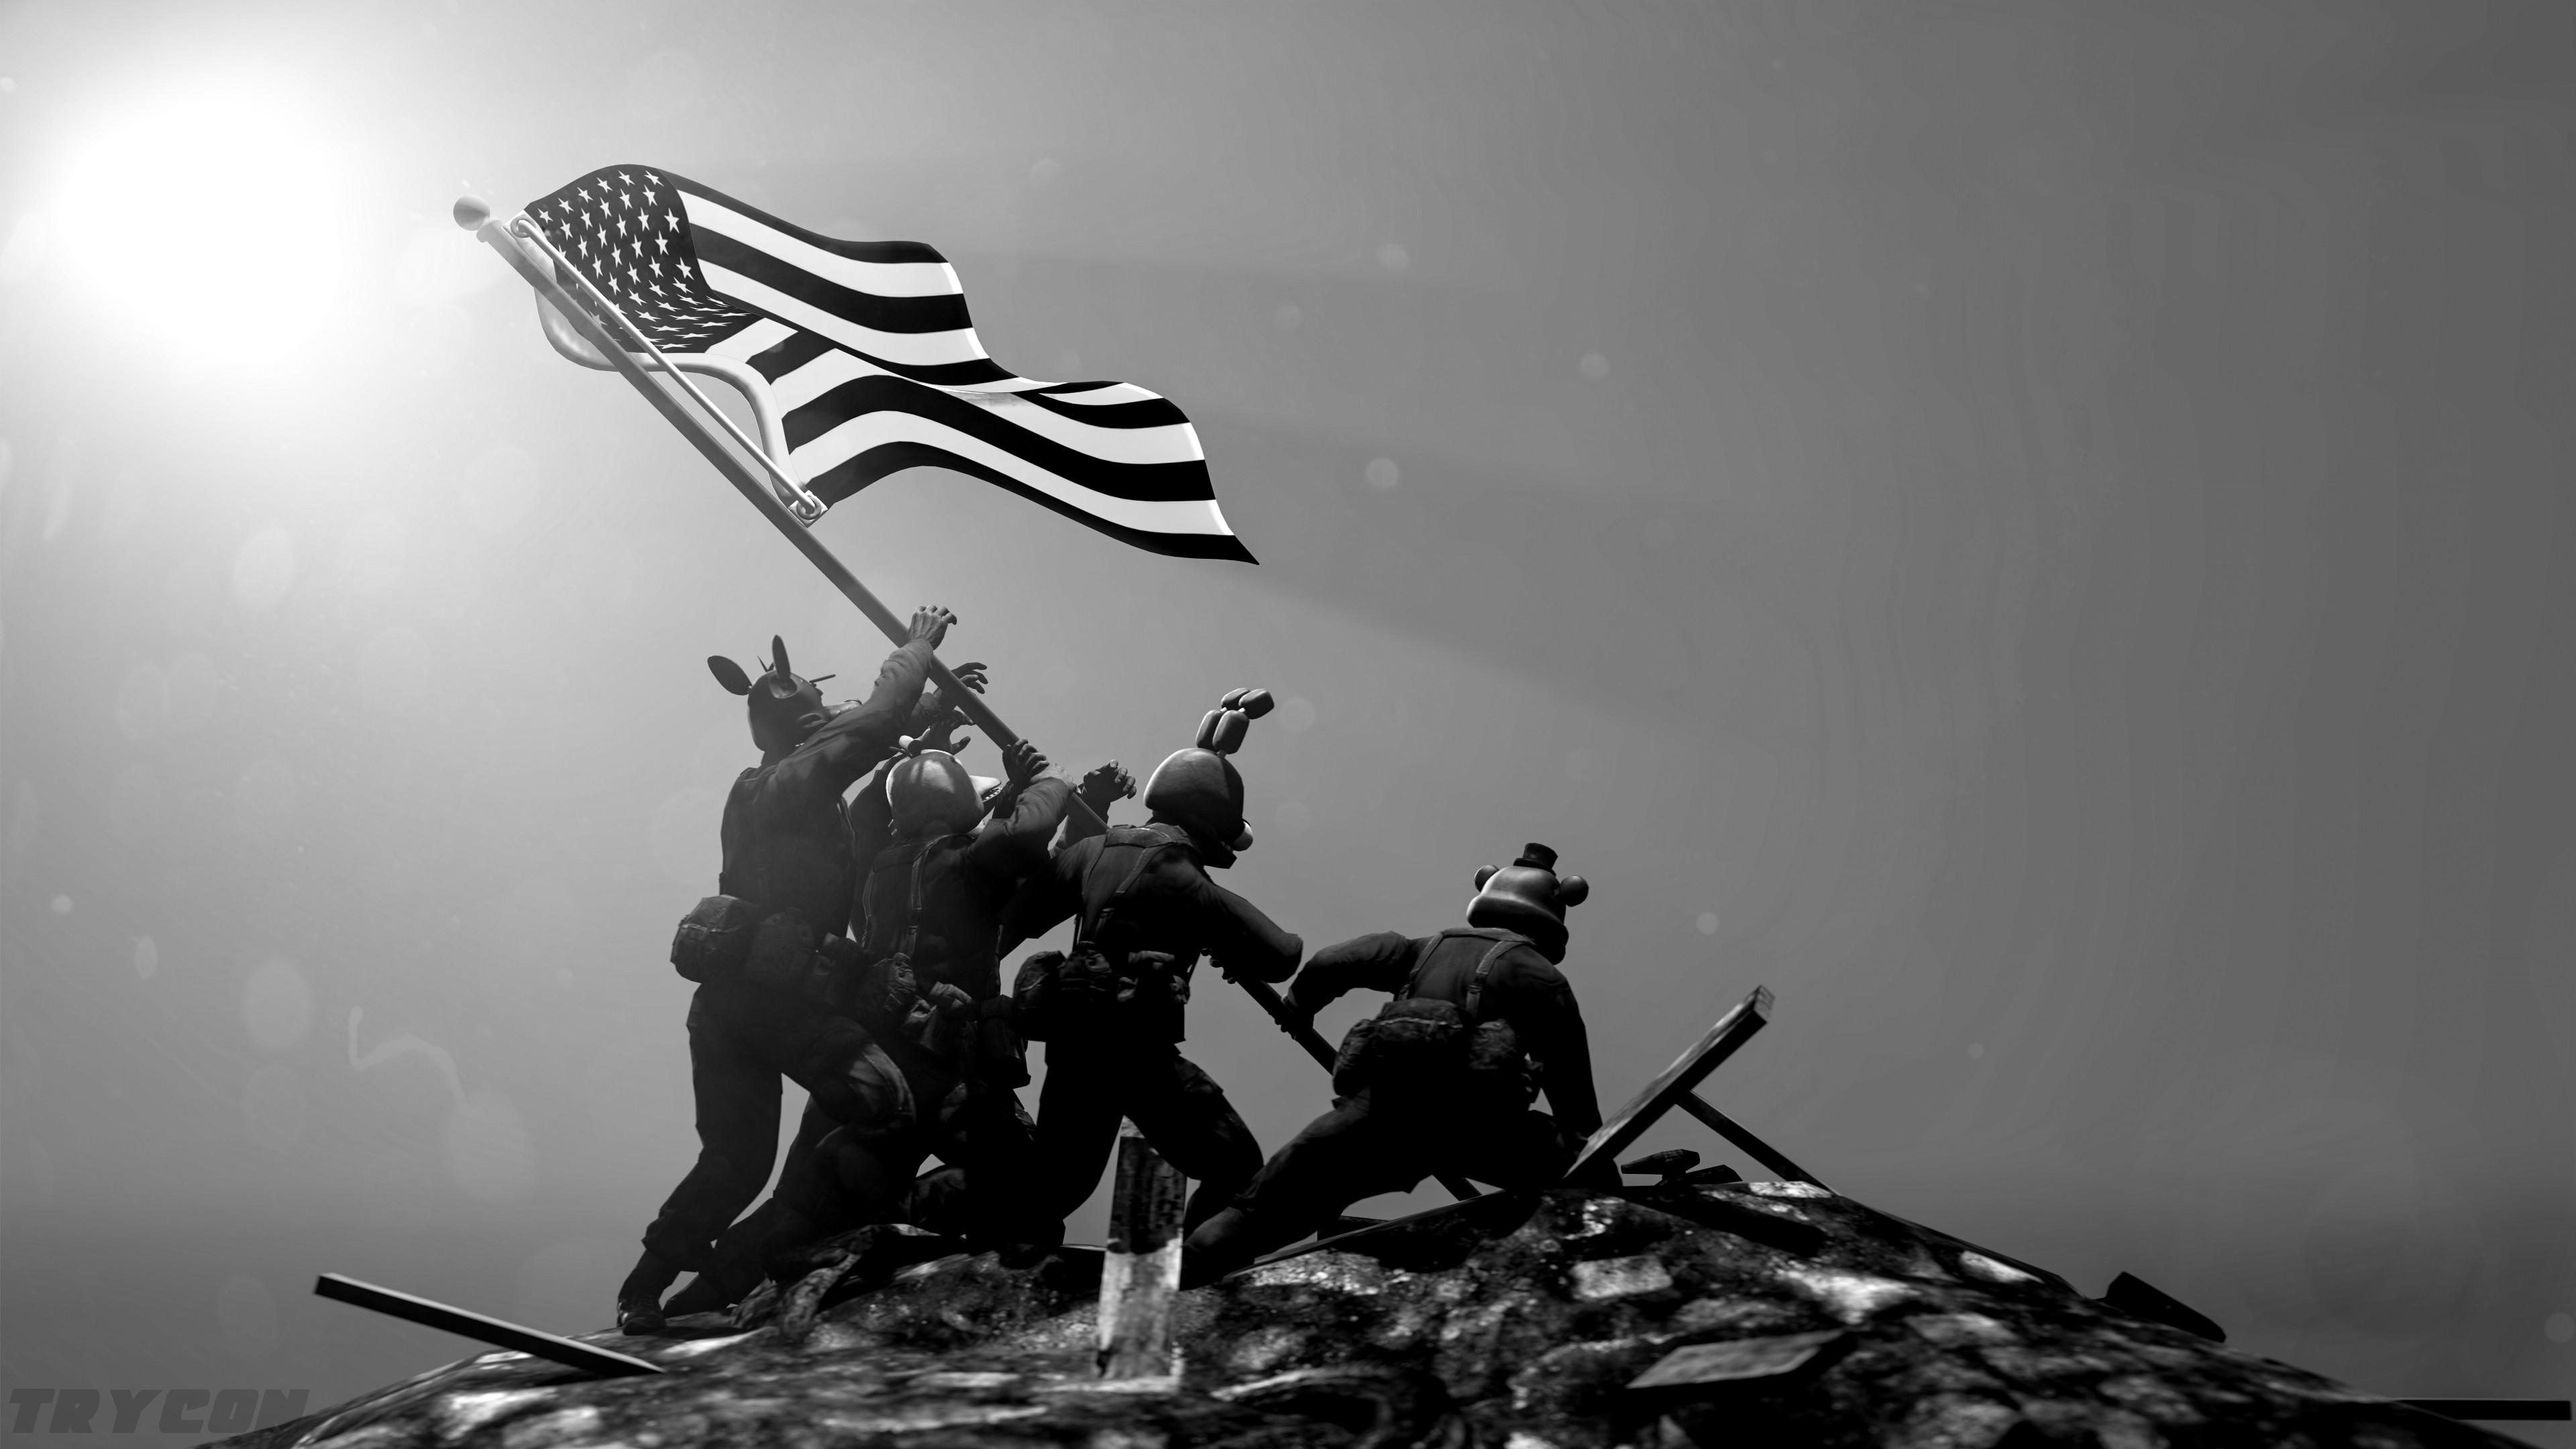 Iwo Jima Wallpaper (53+ images)